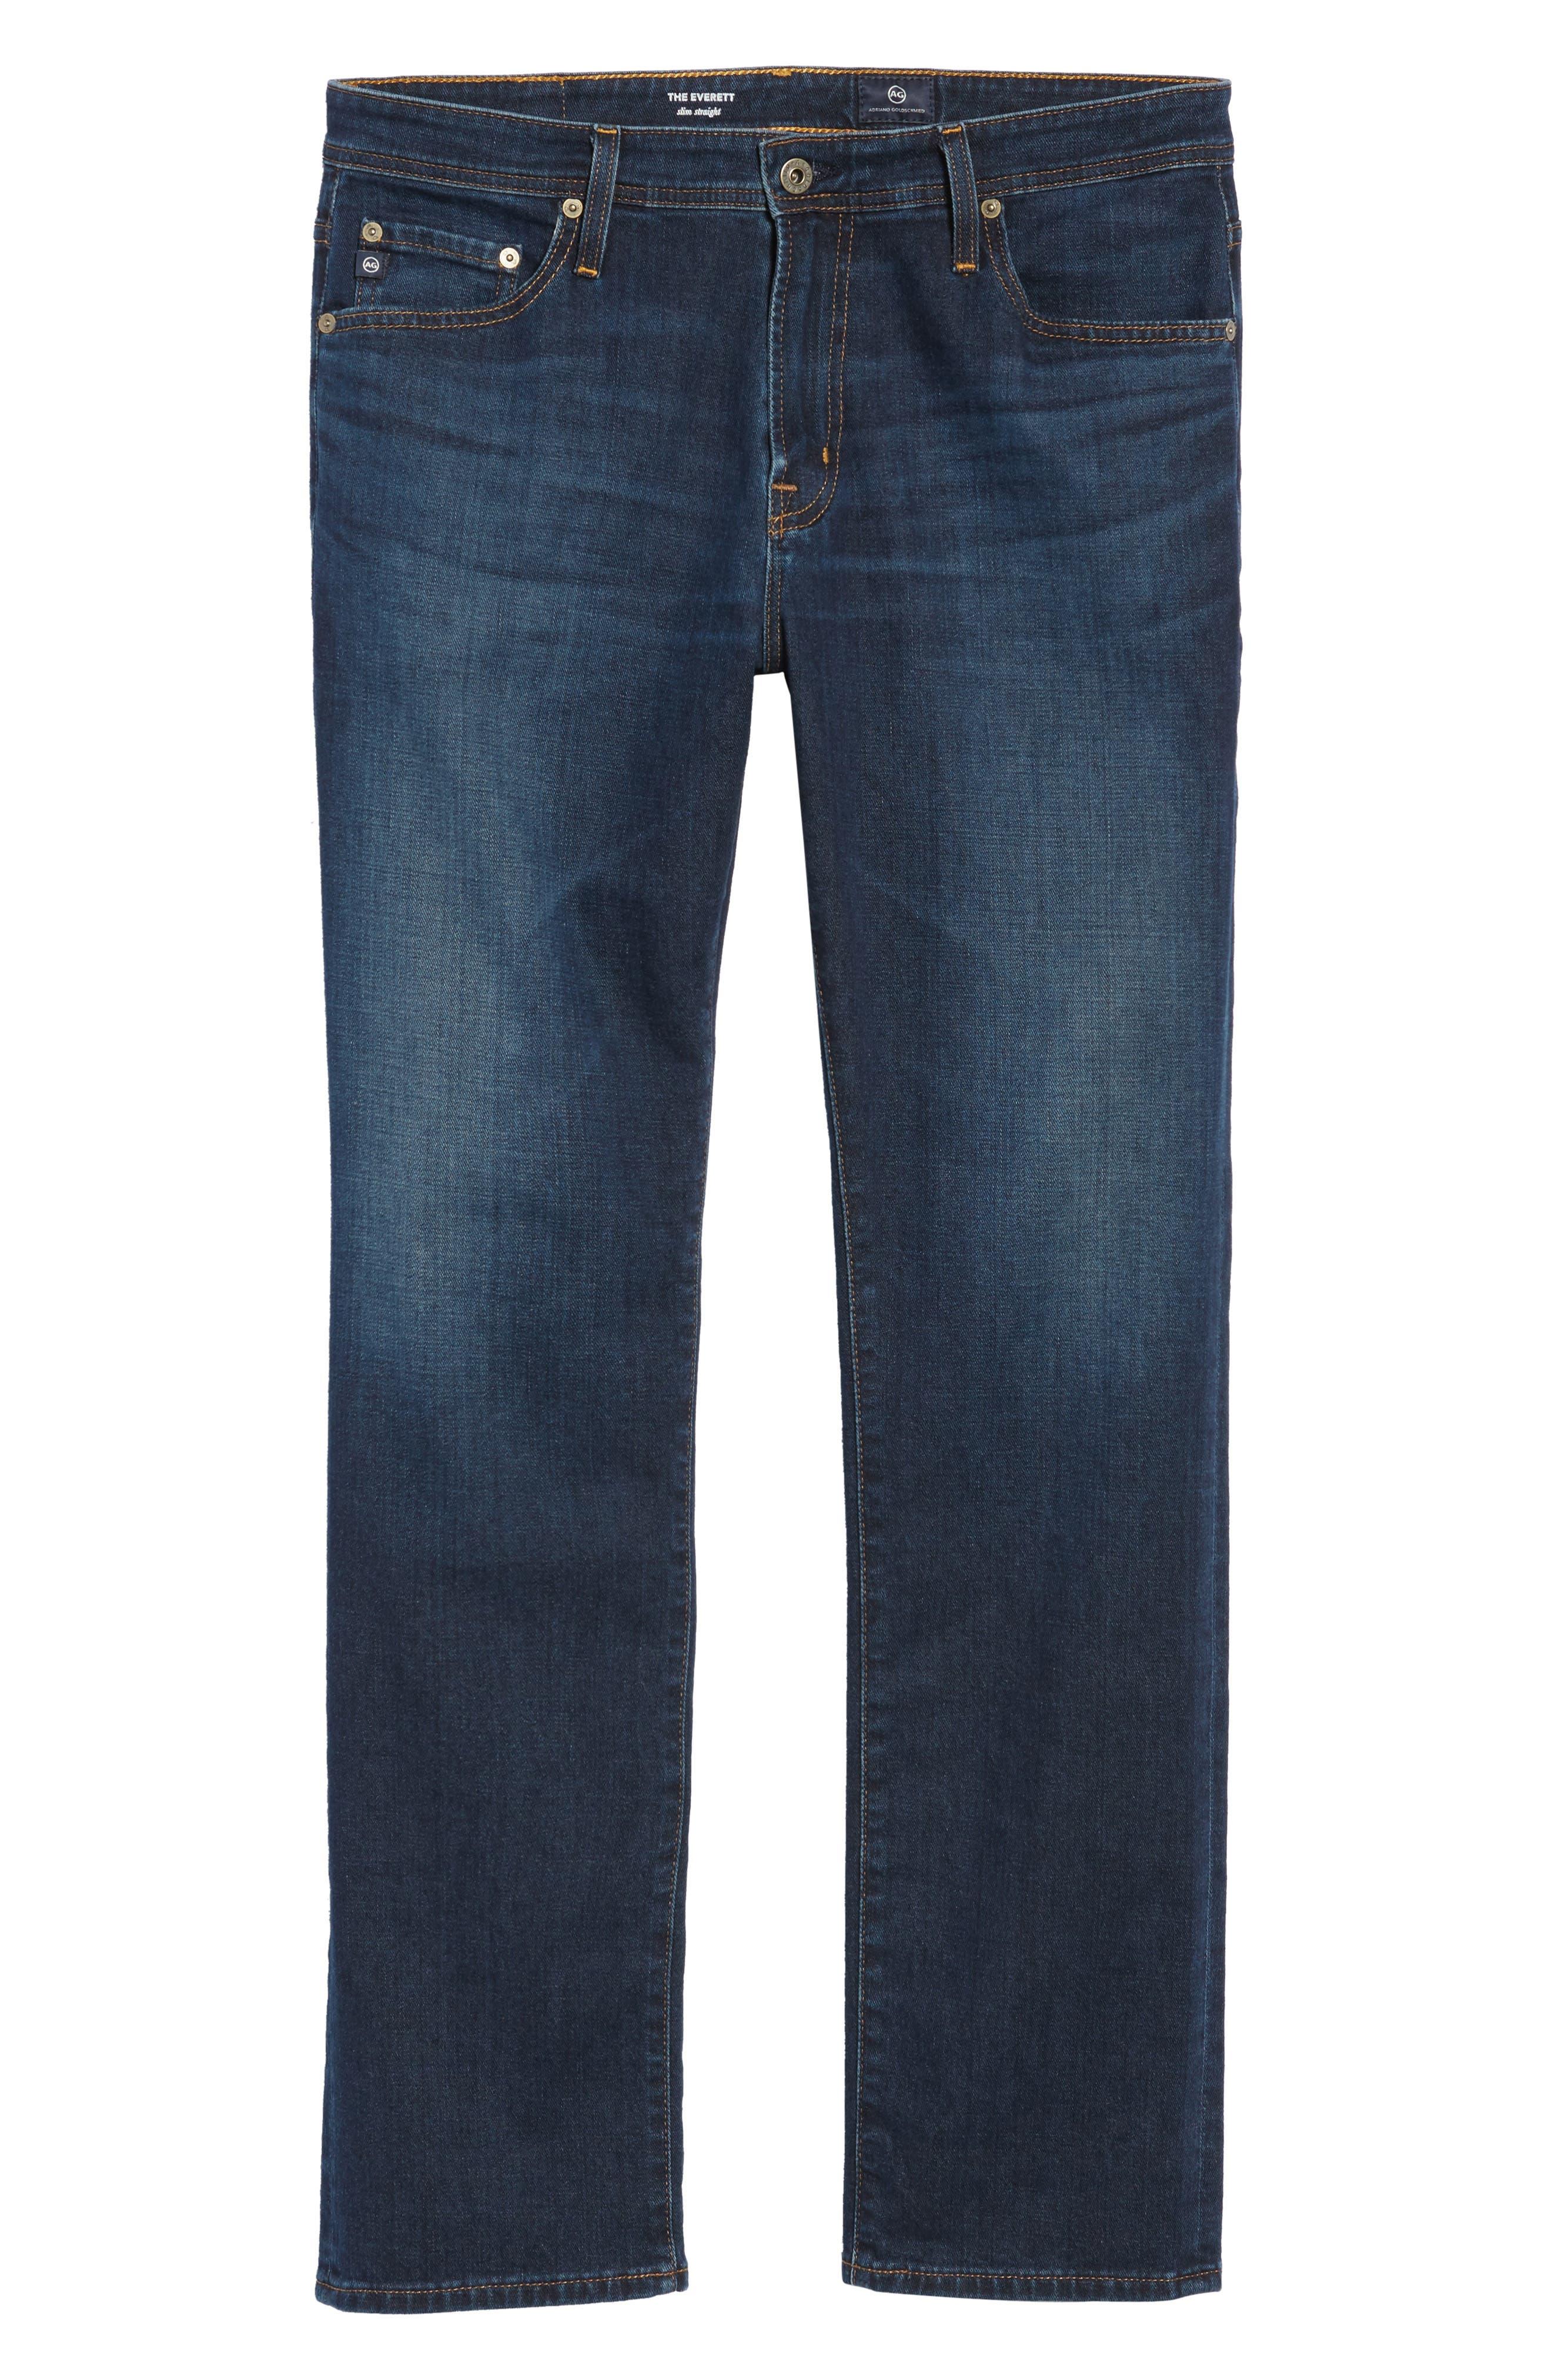 Everett Slim Straight Fit Jeans,                             Alternate thumbnail 6, color,                             WITNESS